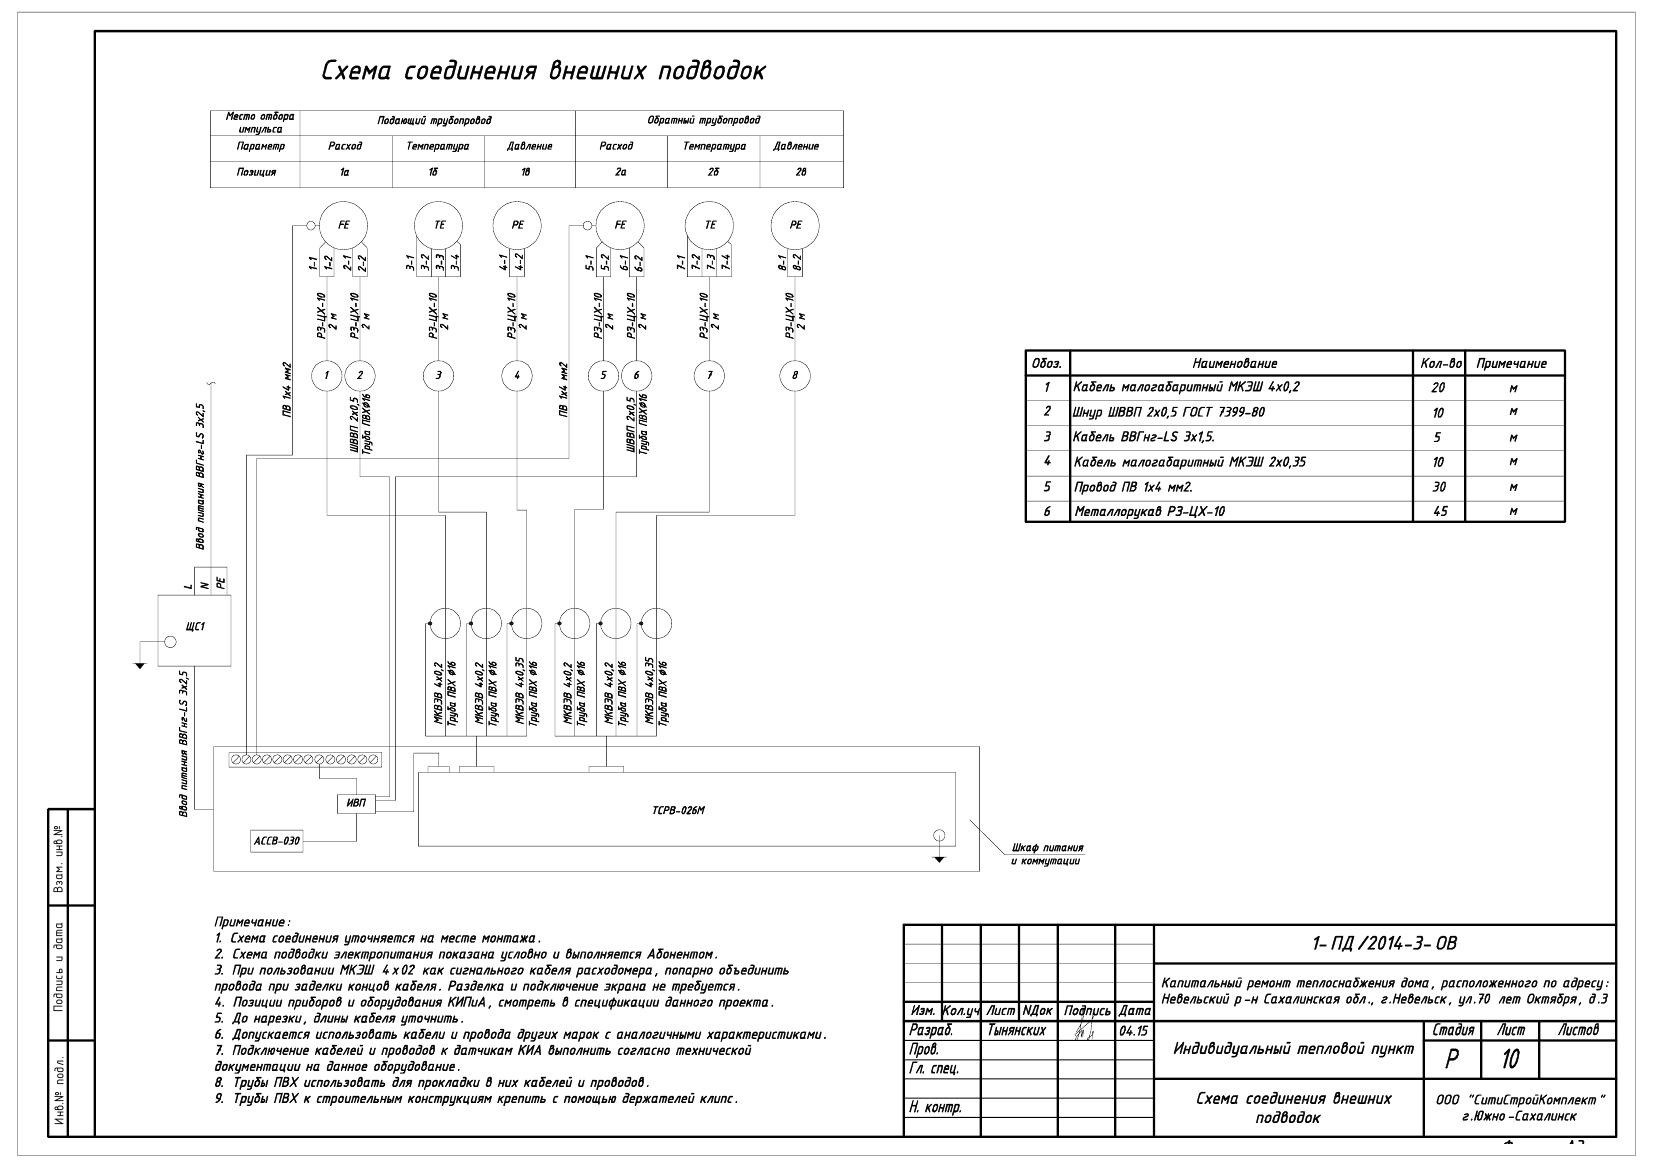 Невельск_Реконструкция жилого дома - Отопление_10